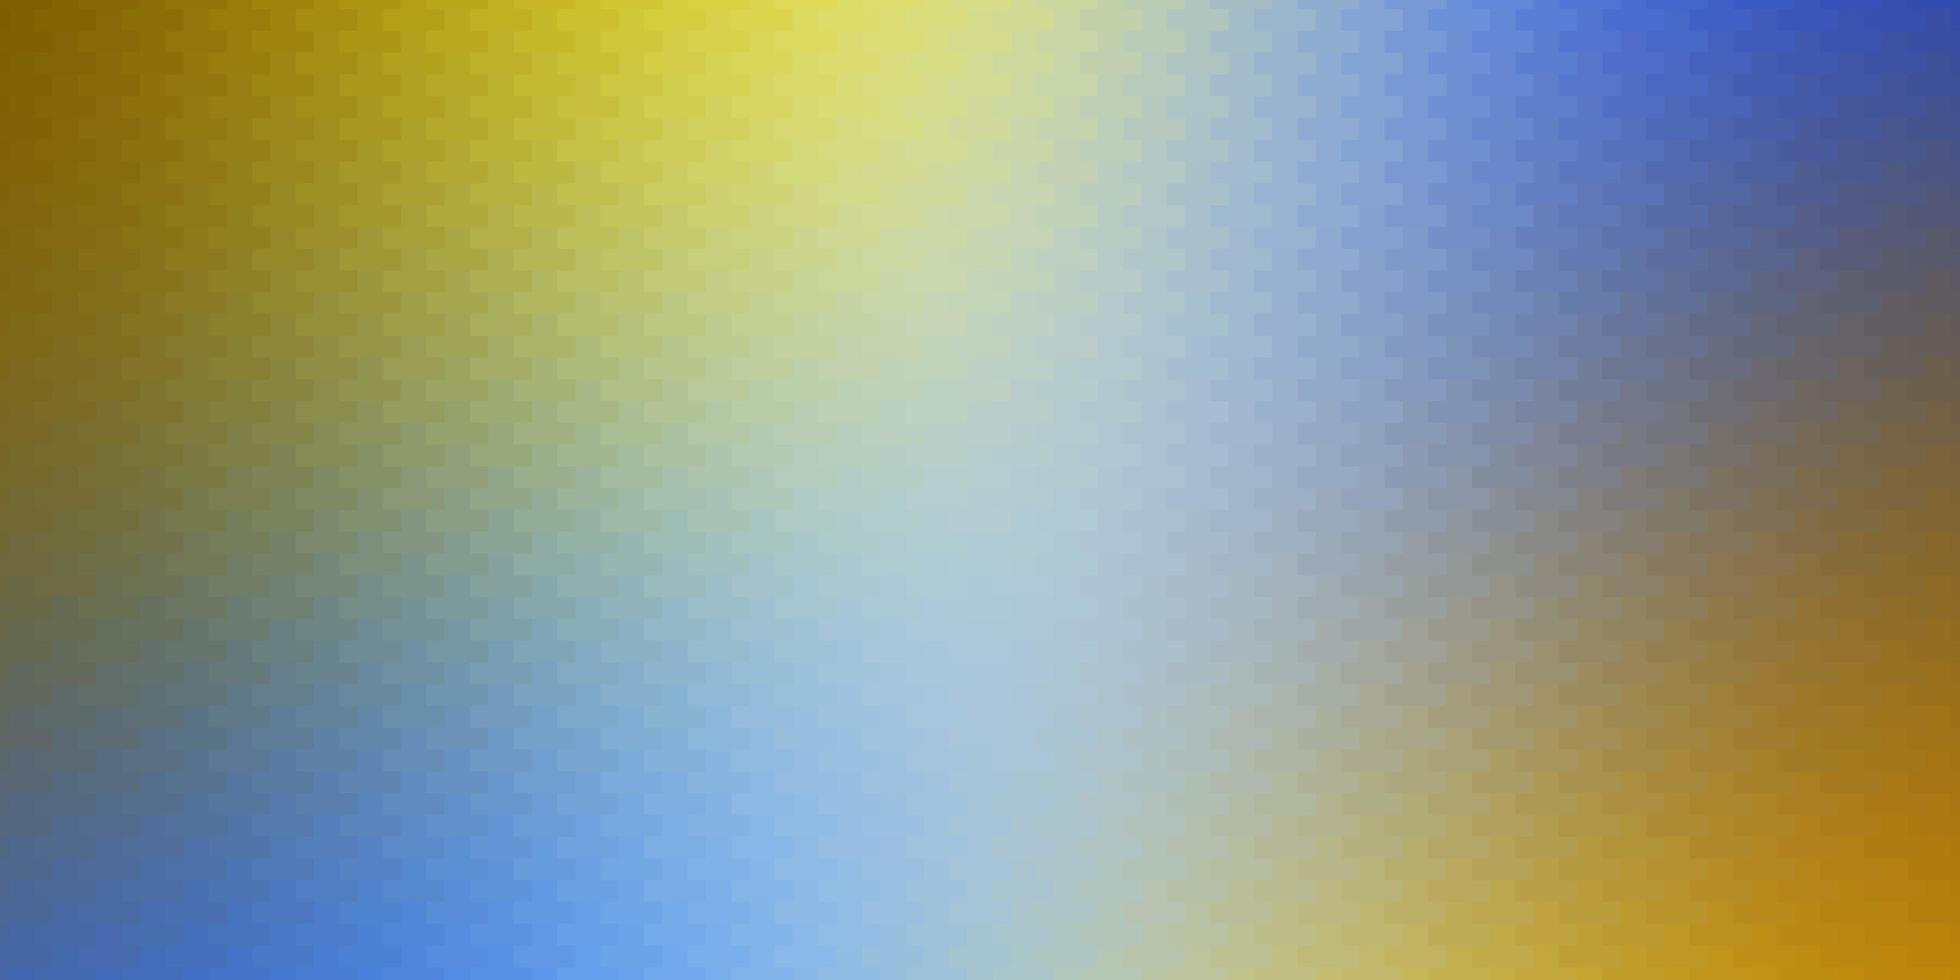 ljusblå, gul bakgrund med rektanglar. vektor